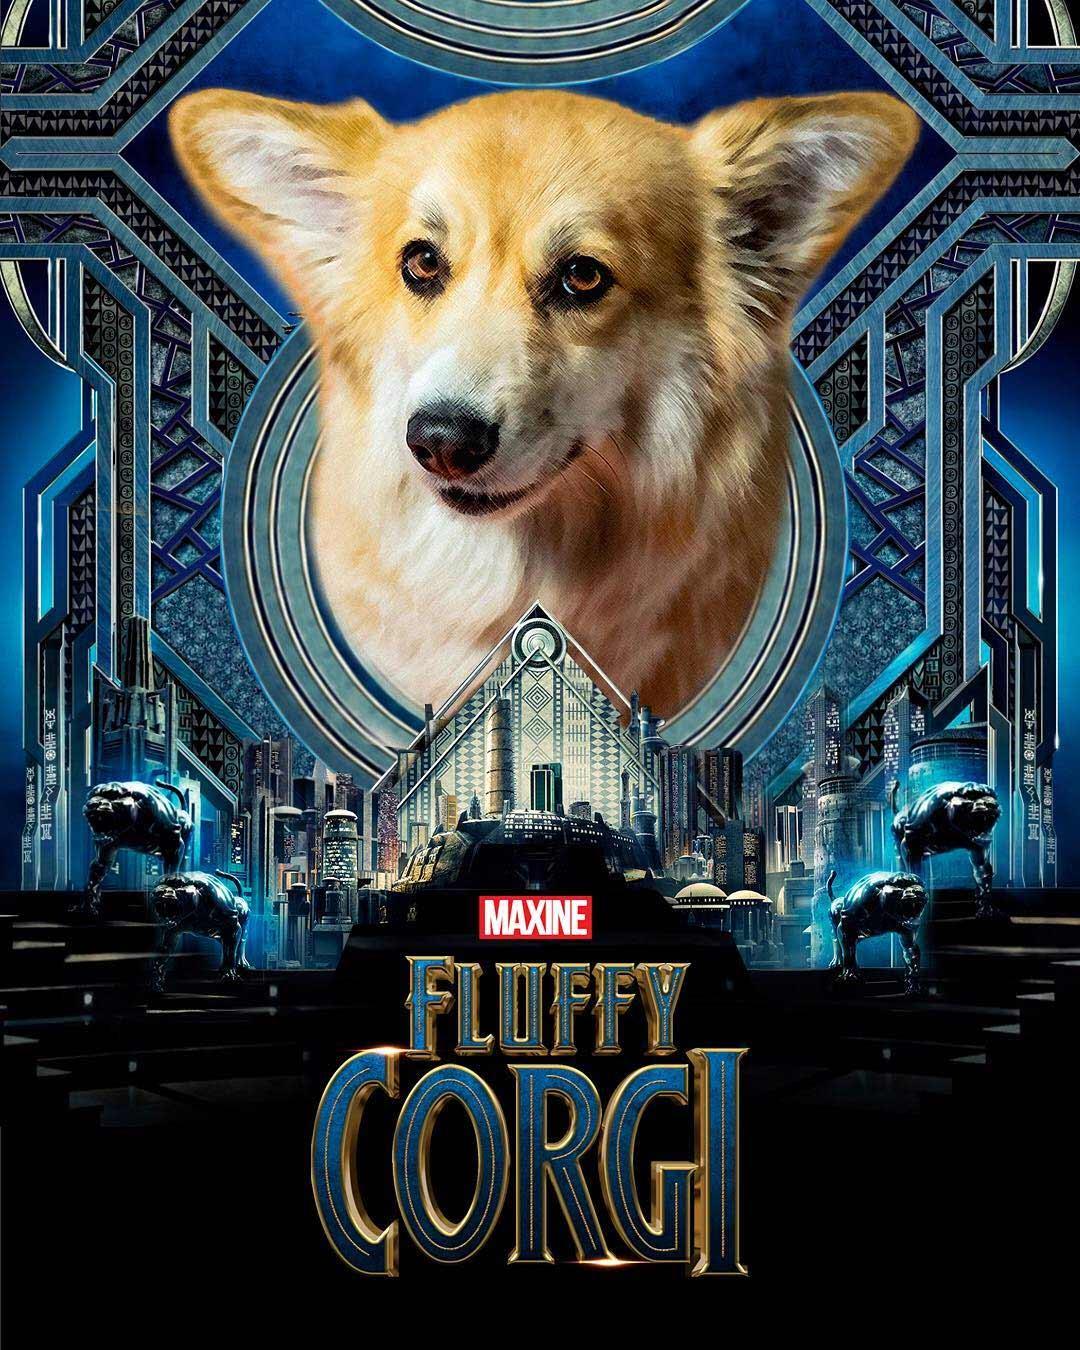 Bekannte Filmplakate mit Corgi verbessert filmposter-mit-corgi-hund_02